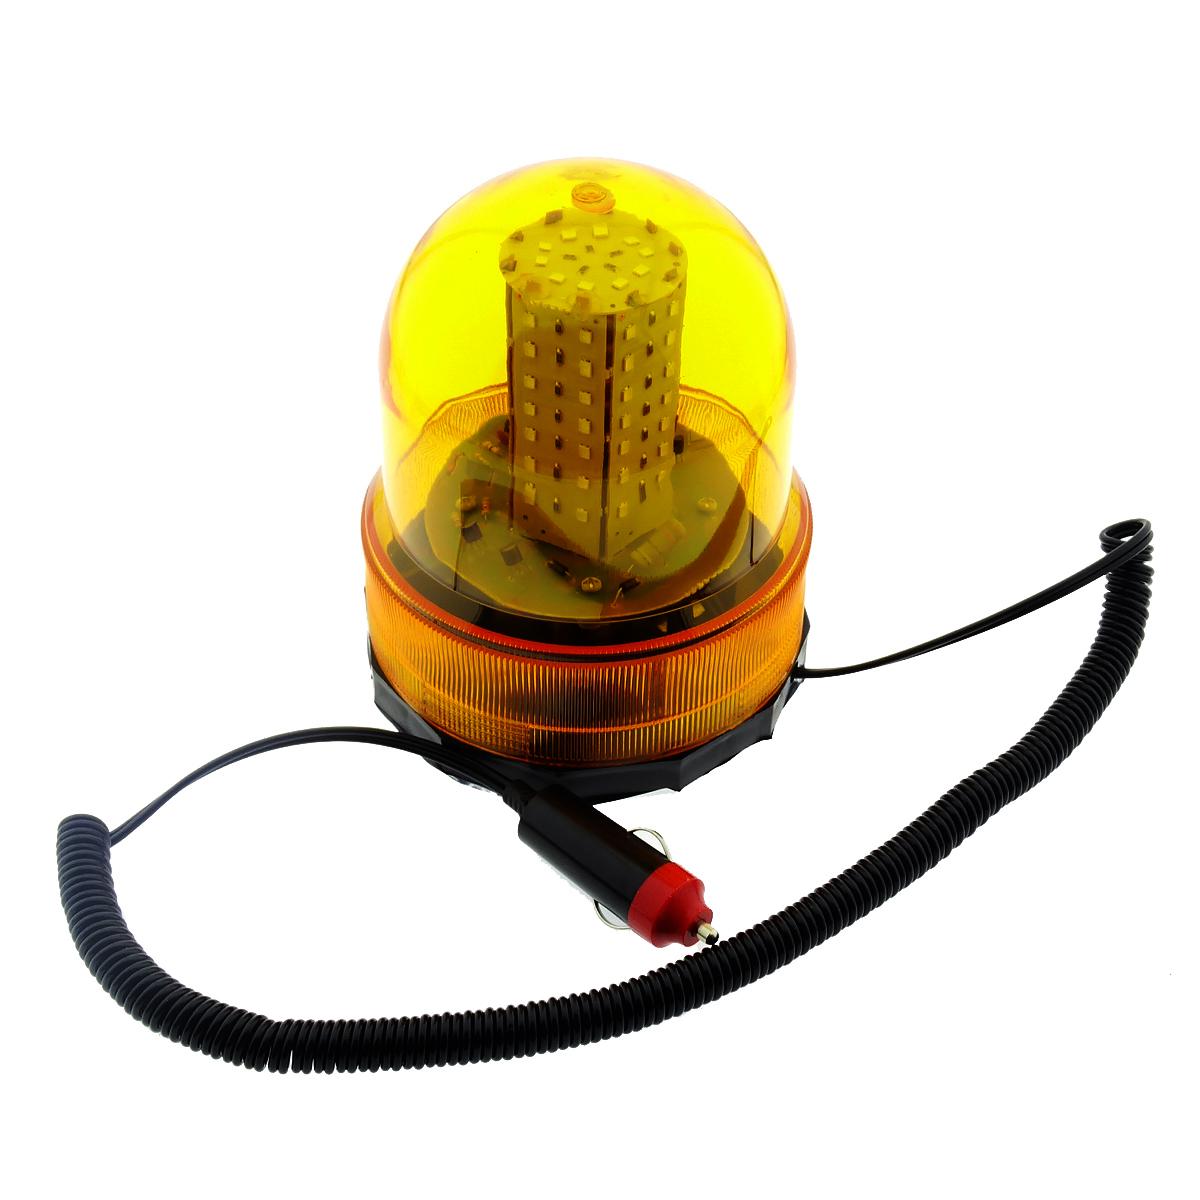 faros-LED-80-magnitikos-amber-magnitikos-7